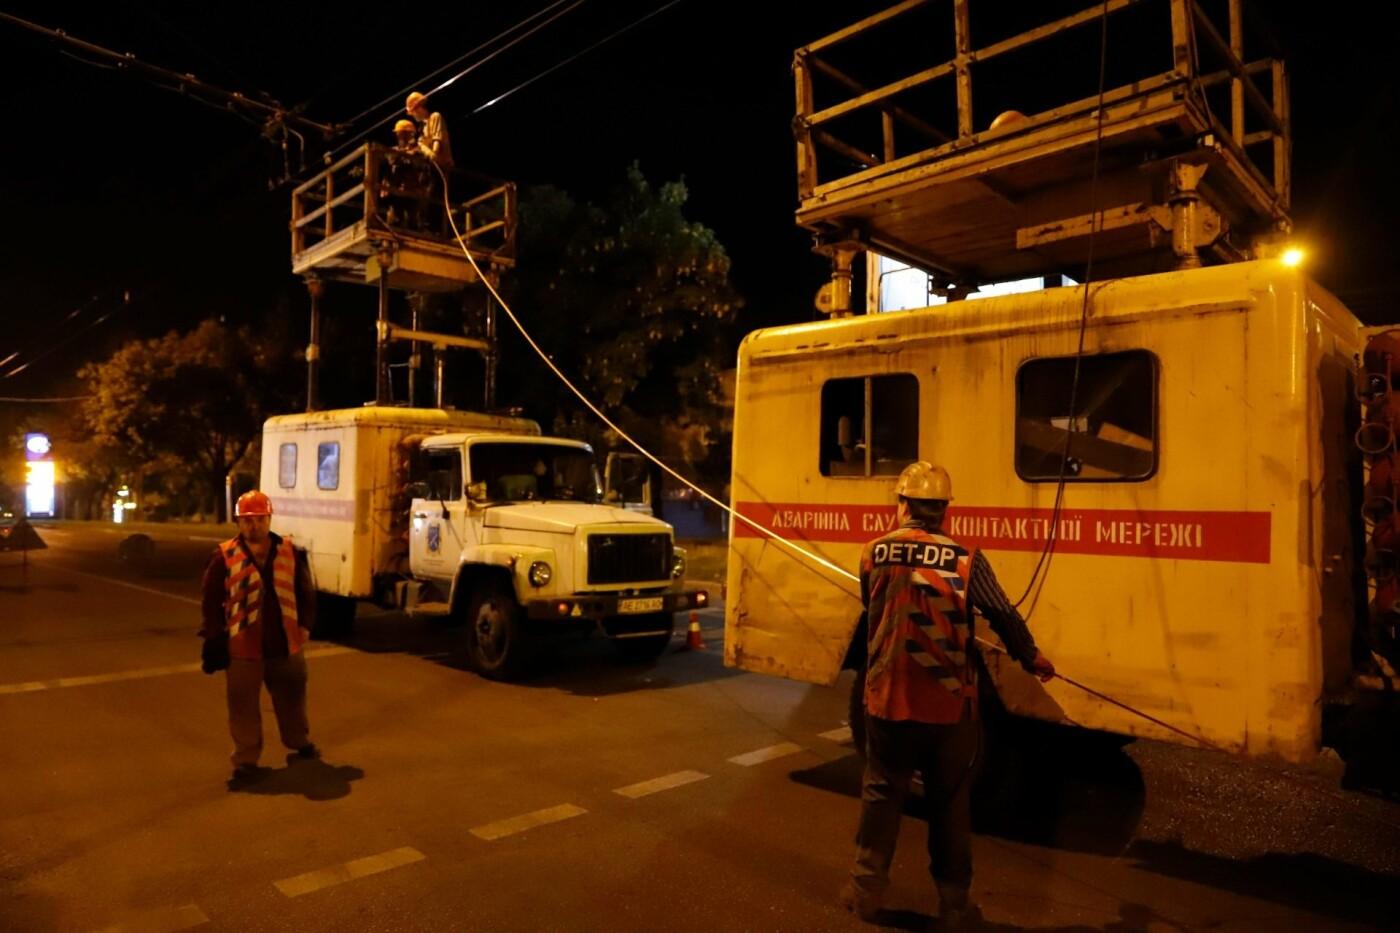 Этой ночью в Днепре заменили 350 метров контактной сети на трех троллейбусных маршрутах, - ФОТО, фото-5